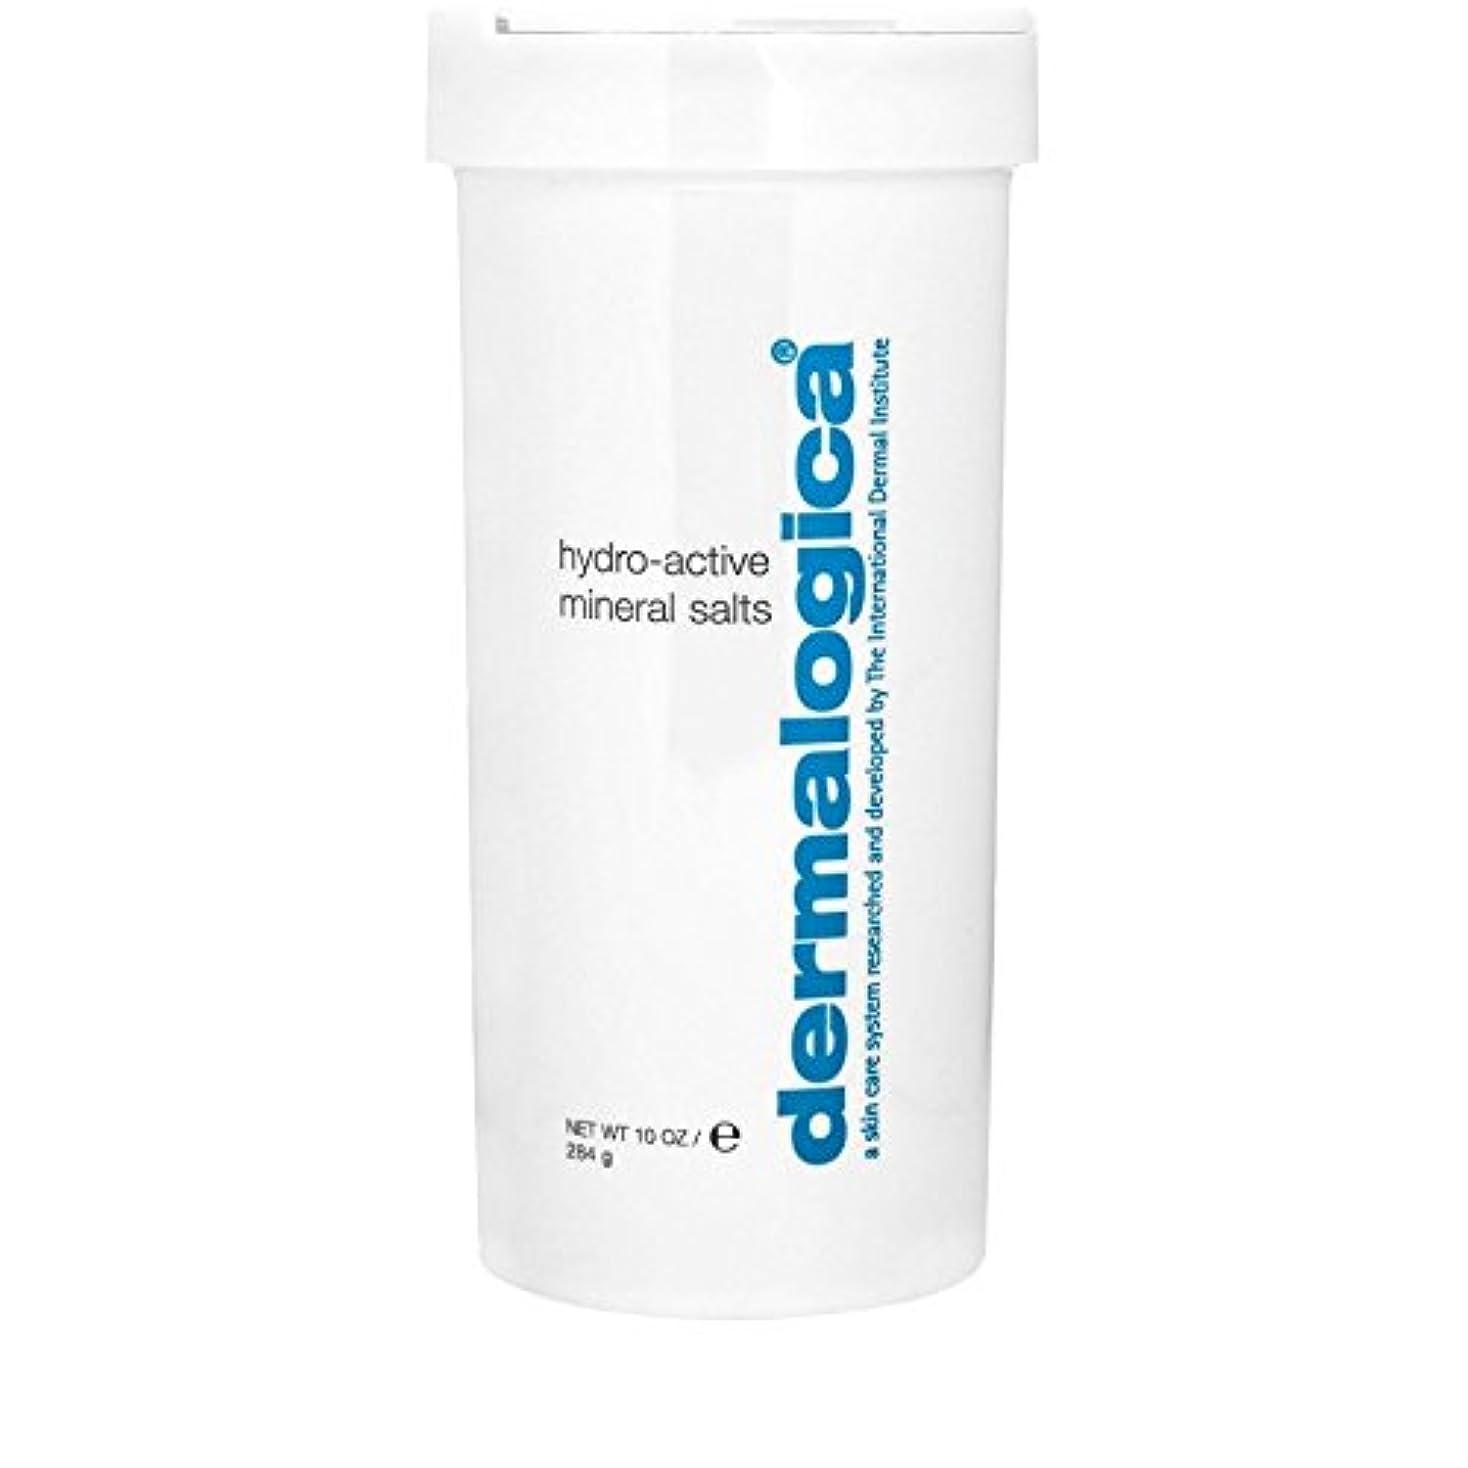 貪欲歌う申込みダーマロジカ水力アクティブミネラル塩284グラム x4 - Dermalogica Hydro Active Mineral Salt 284g (Pack of 4) [並行輸入品]